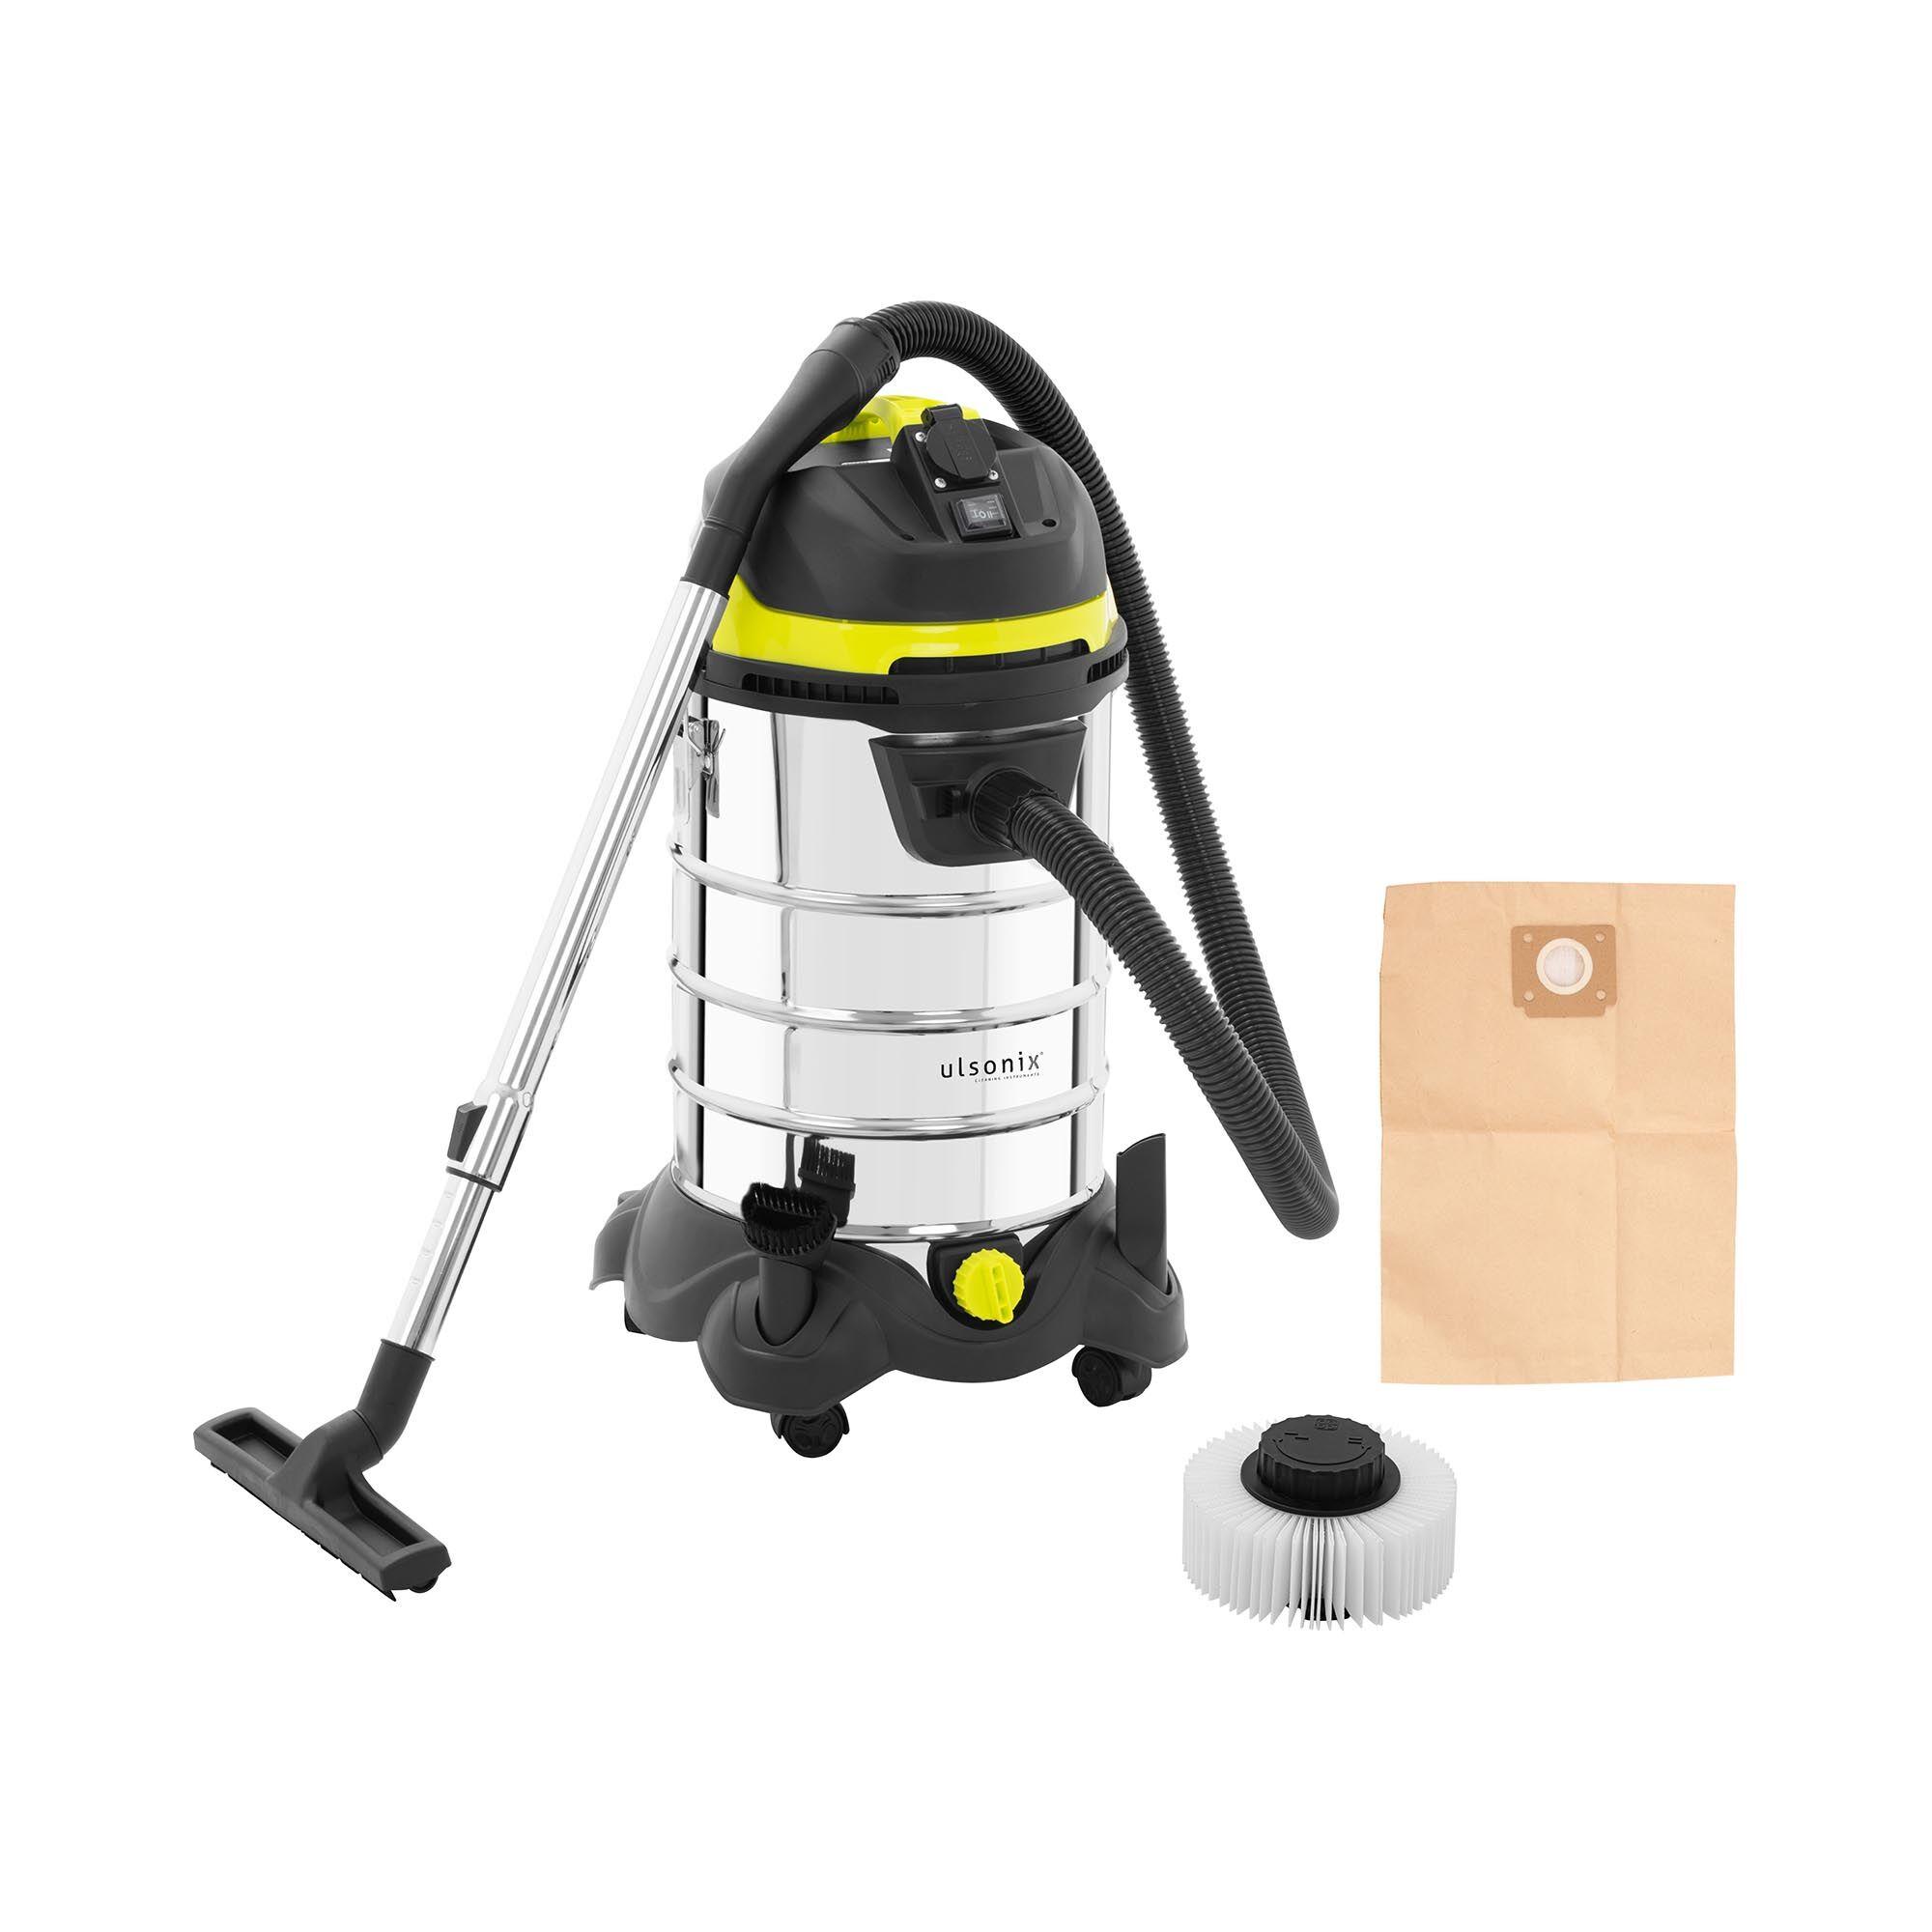 ulsonix Wet/Dry Vacuum Cleaner - 1,400 W - 30 L - socket FLOORCLEAN 30DS